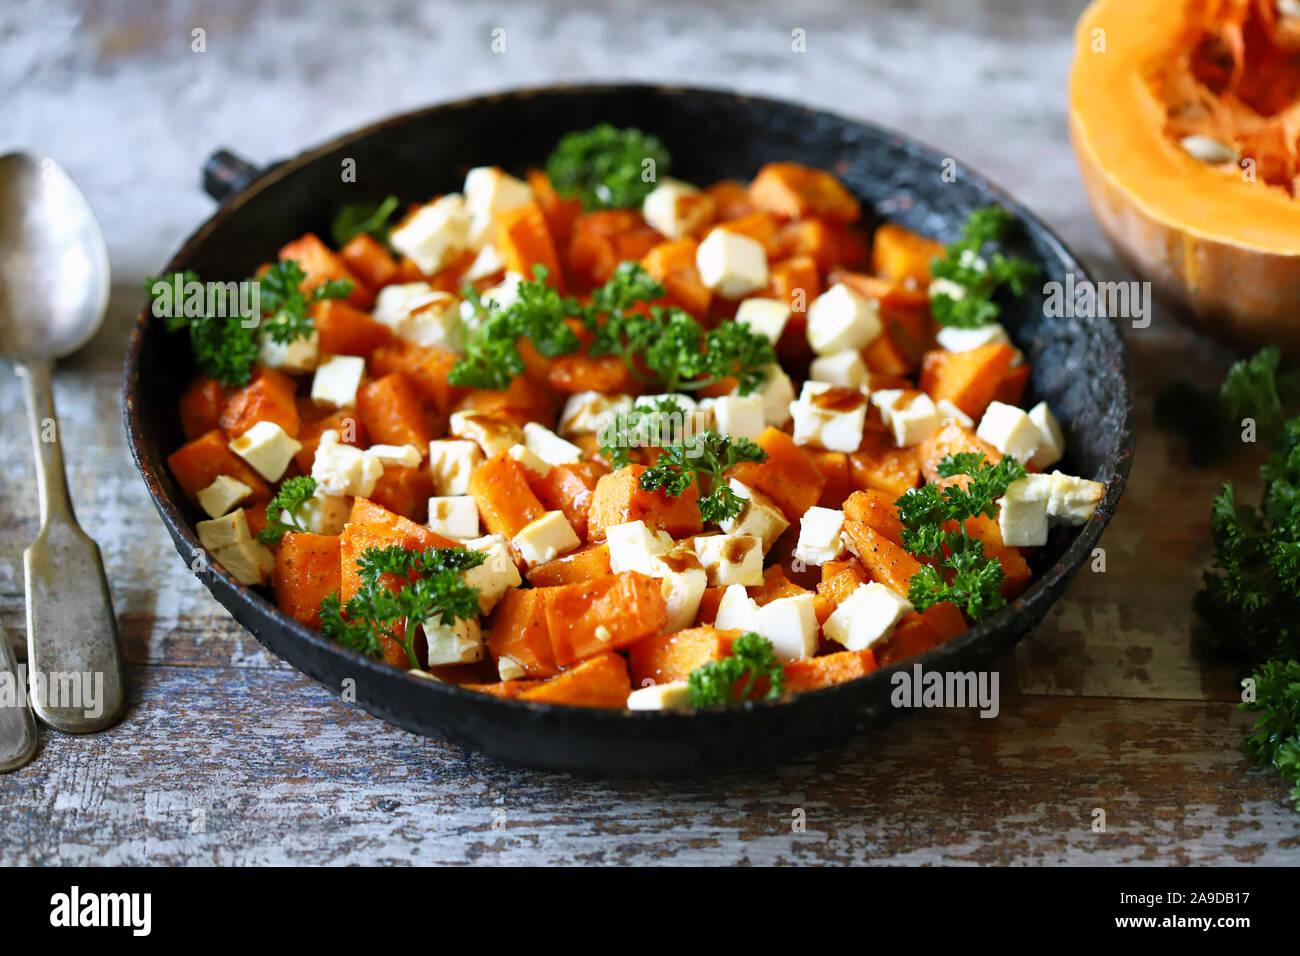 Ensalada con calabaza cocida y queso feta. Thanksgiving ensalada. Otoño ceto ensalada. Dieta ceto. El enfoque selectivo. Macro. Foto de stock